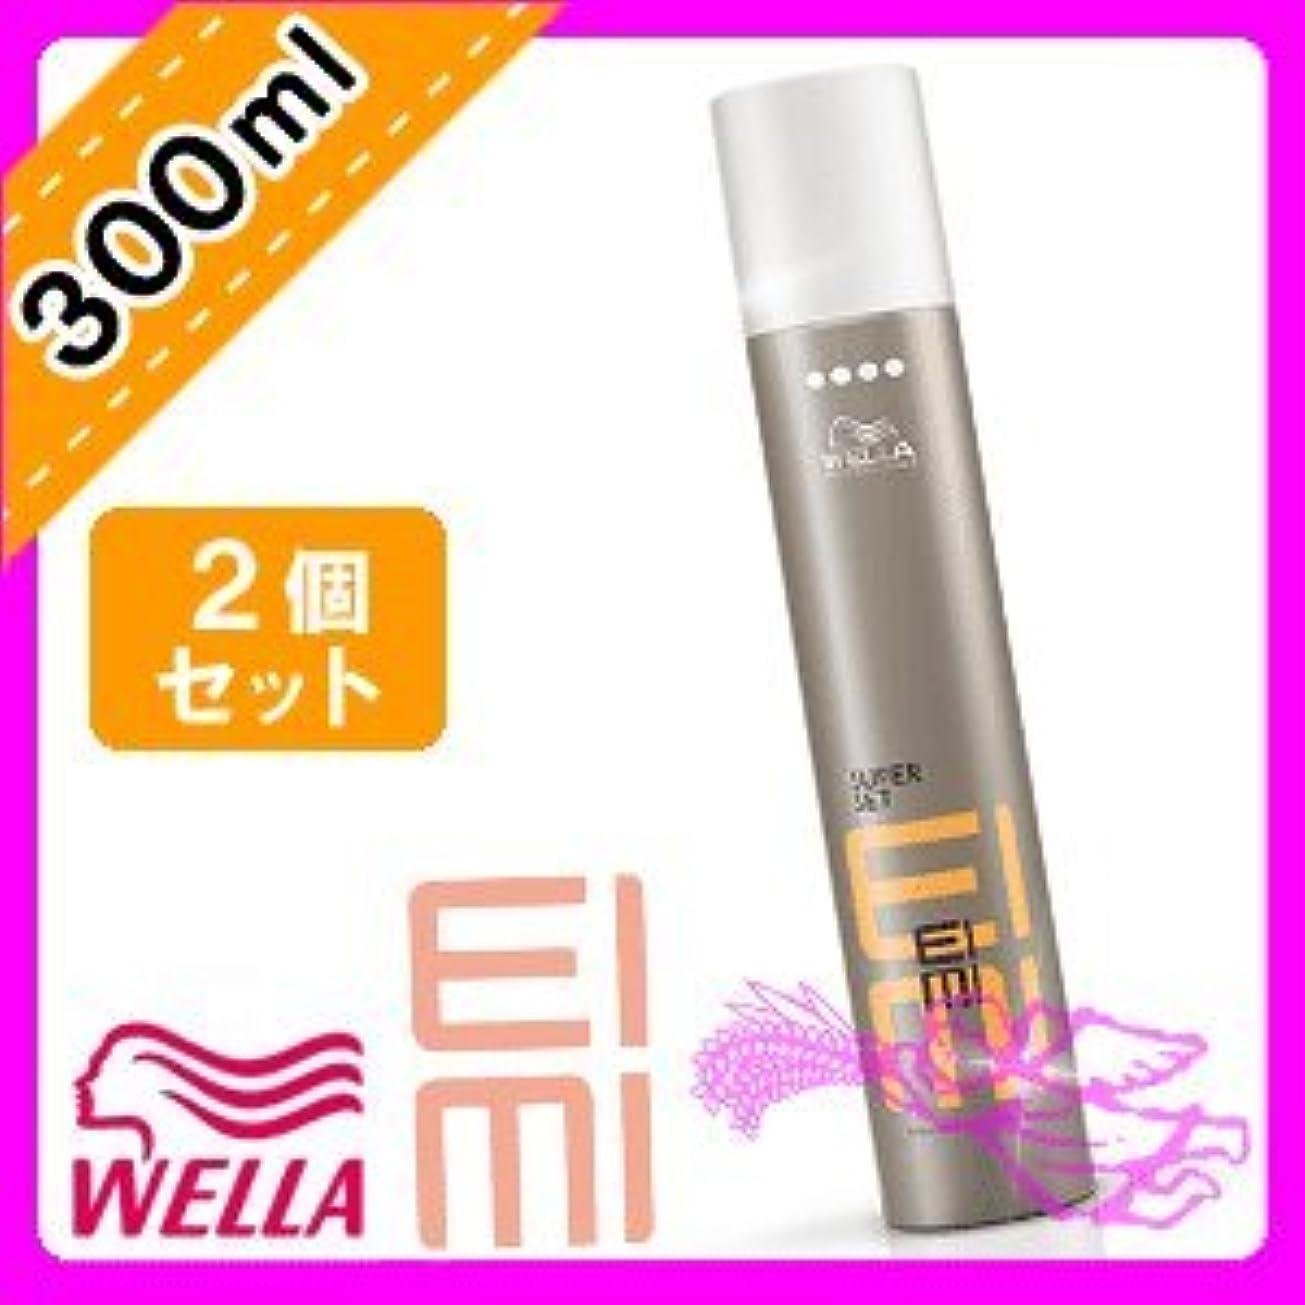 許可決定的セーブウエラ EIMI(アイミィ) スーパーセットスプレー 300ml ×2個 セット WELLA P&G